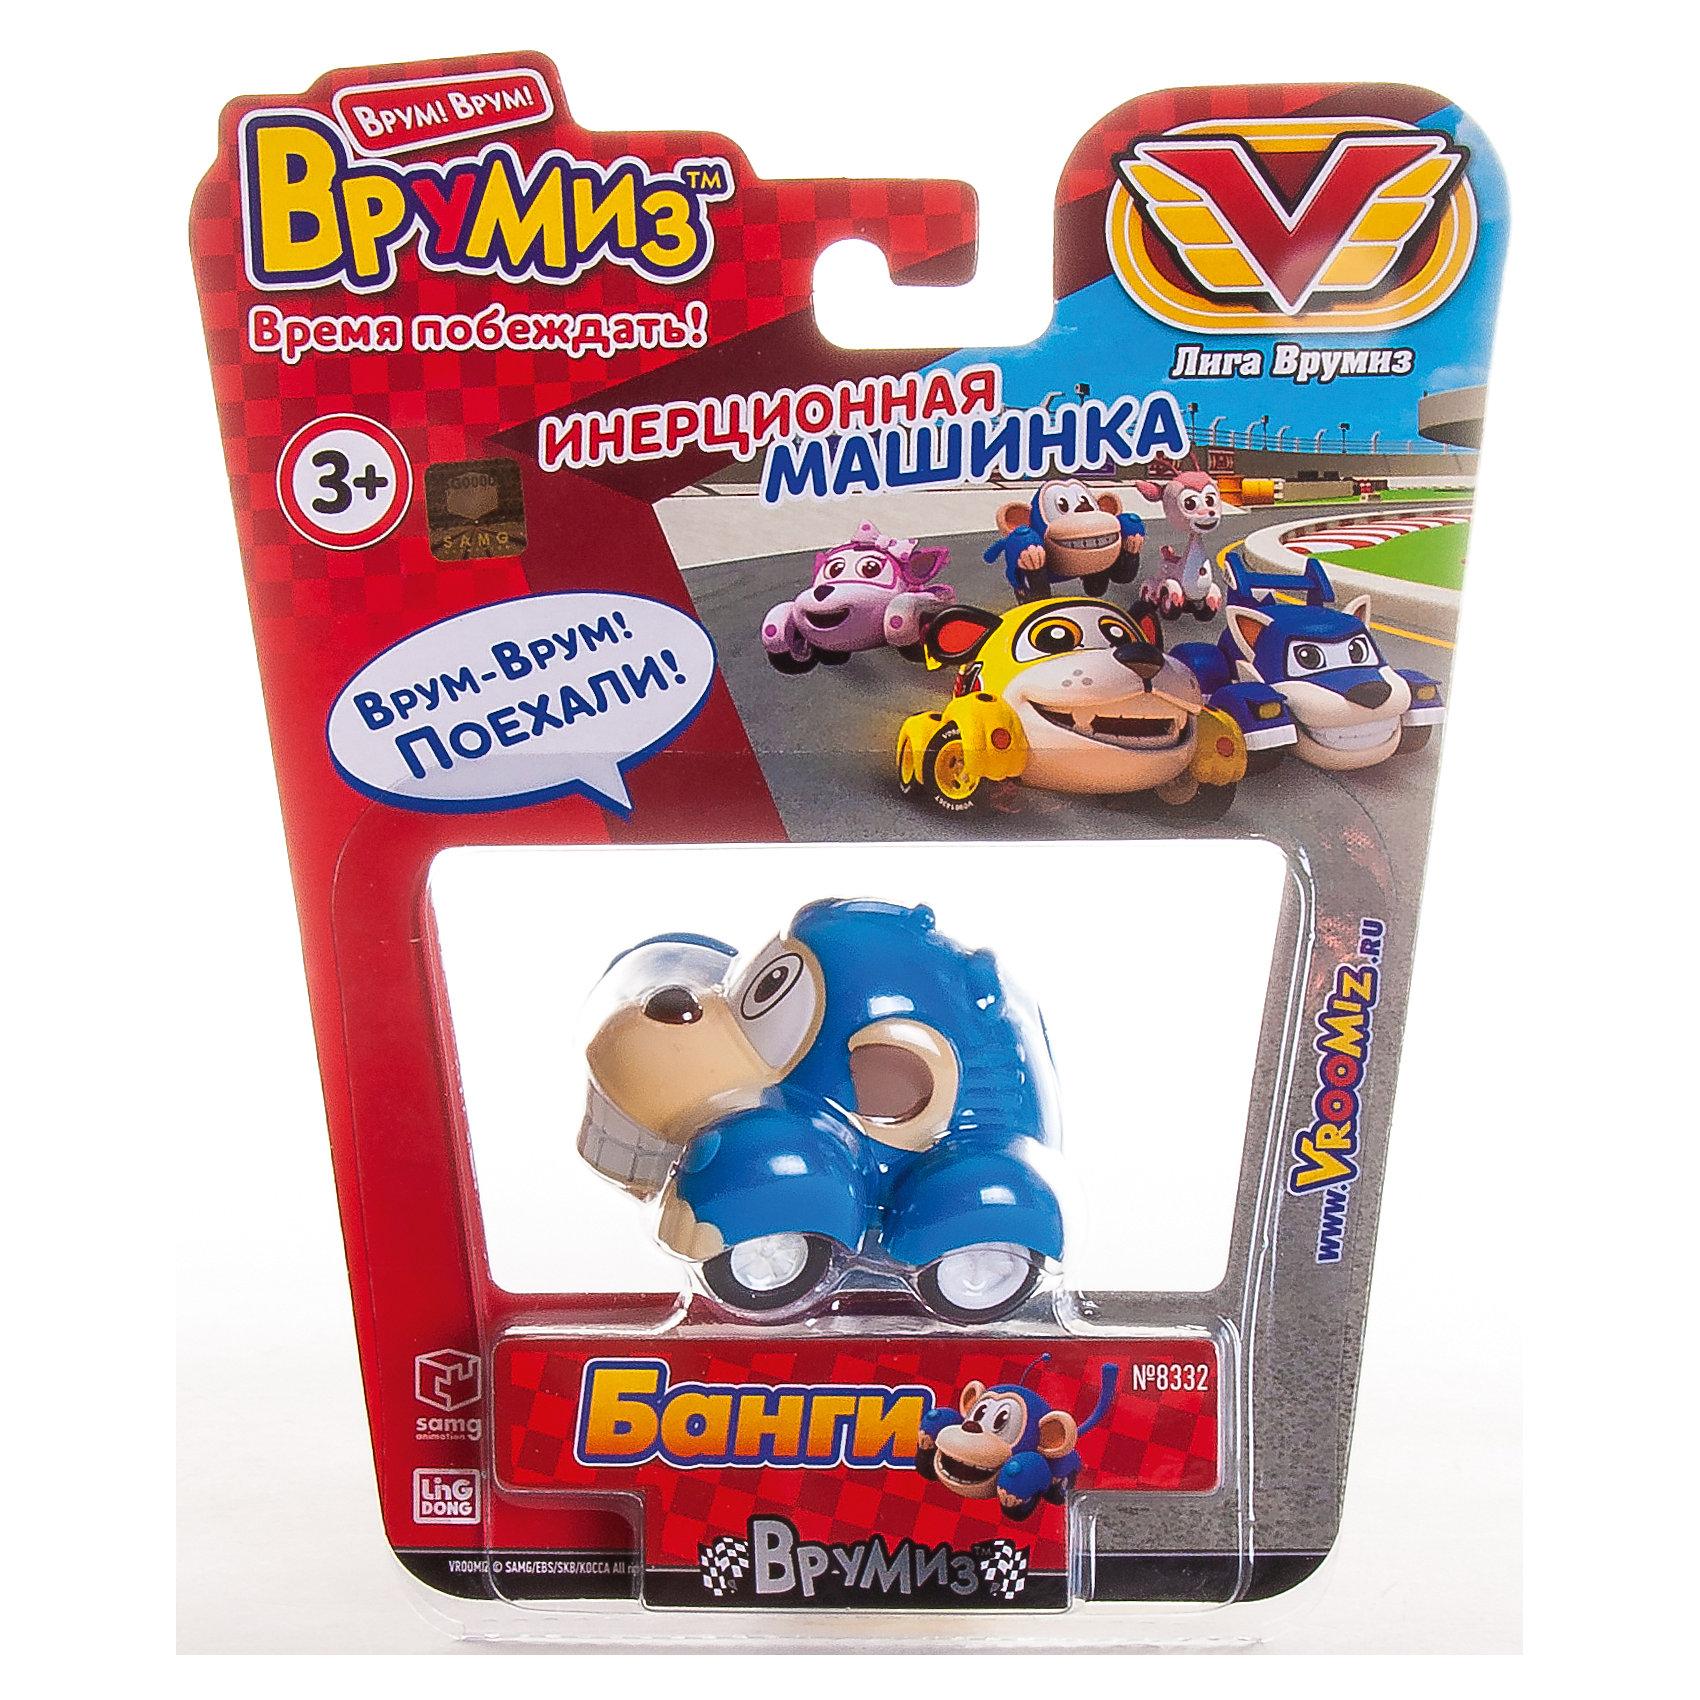 Инерционная машинка Банги, ВрумизИнерционная машинка Банги, Врумиз, станет отличным подарком для самых маленьких автолюбителей. Игрушка выполнена в виде в виде ловкой и быстрой обезьянки Банги - одного из популярных героев мультсериала Врумиз (Vroomiz). В необычном городе Зиппи Сити живут удивительные машинки-зверюшки, каждый день они попадают в различные забавные, а иногда и опасные ситуации, но благодаря своей дружбе упорно преодолевают все трудности, встретившиеся на пути. Банги - отважный, честный и очень добрый малыш, который всегда готов прийти на помощь тем, кто оказался в беде. Машинка отличается высоким качеством исполнения и полностью воспроизводит внешний вид своего персонажа, у нее яркая синяя окраска и забавная мордочка с ушками. Игрушка оснащена инерционным механизмом, если слегка откатить ее назад и отпустить, она устремится вперед.<br><br>Дополнительная информация:  <br>      <br>- Материал: пластик. <br>- Размер машинки: 4,5 х 5,5 см <br>- Размер упаковки: 17 х 19,5 х 7 см.<br>- Вес: 0,1 кг.<br><br>Инерционную машинку Банги, Врумиз, можно купить в нашем интернет-магазине.<br><br>Ширина мм: 170<br>Глубина мм: 195<br>Высота мм: 70<br>Вес г: 94<br>Возраст от месяцев: 36<br>Возраст до месяцев: 120<br>Пол: Унисекс<br>Возраст: Детский<br>SKU: 4340061